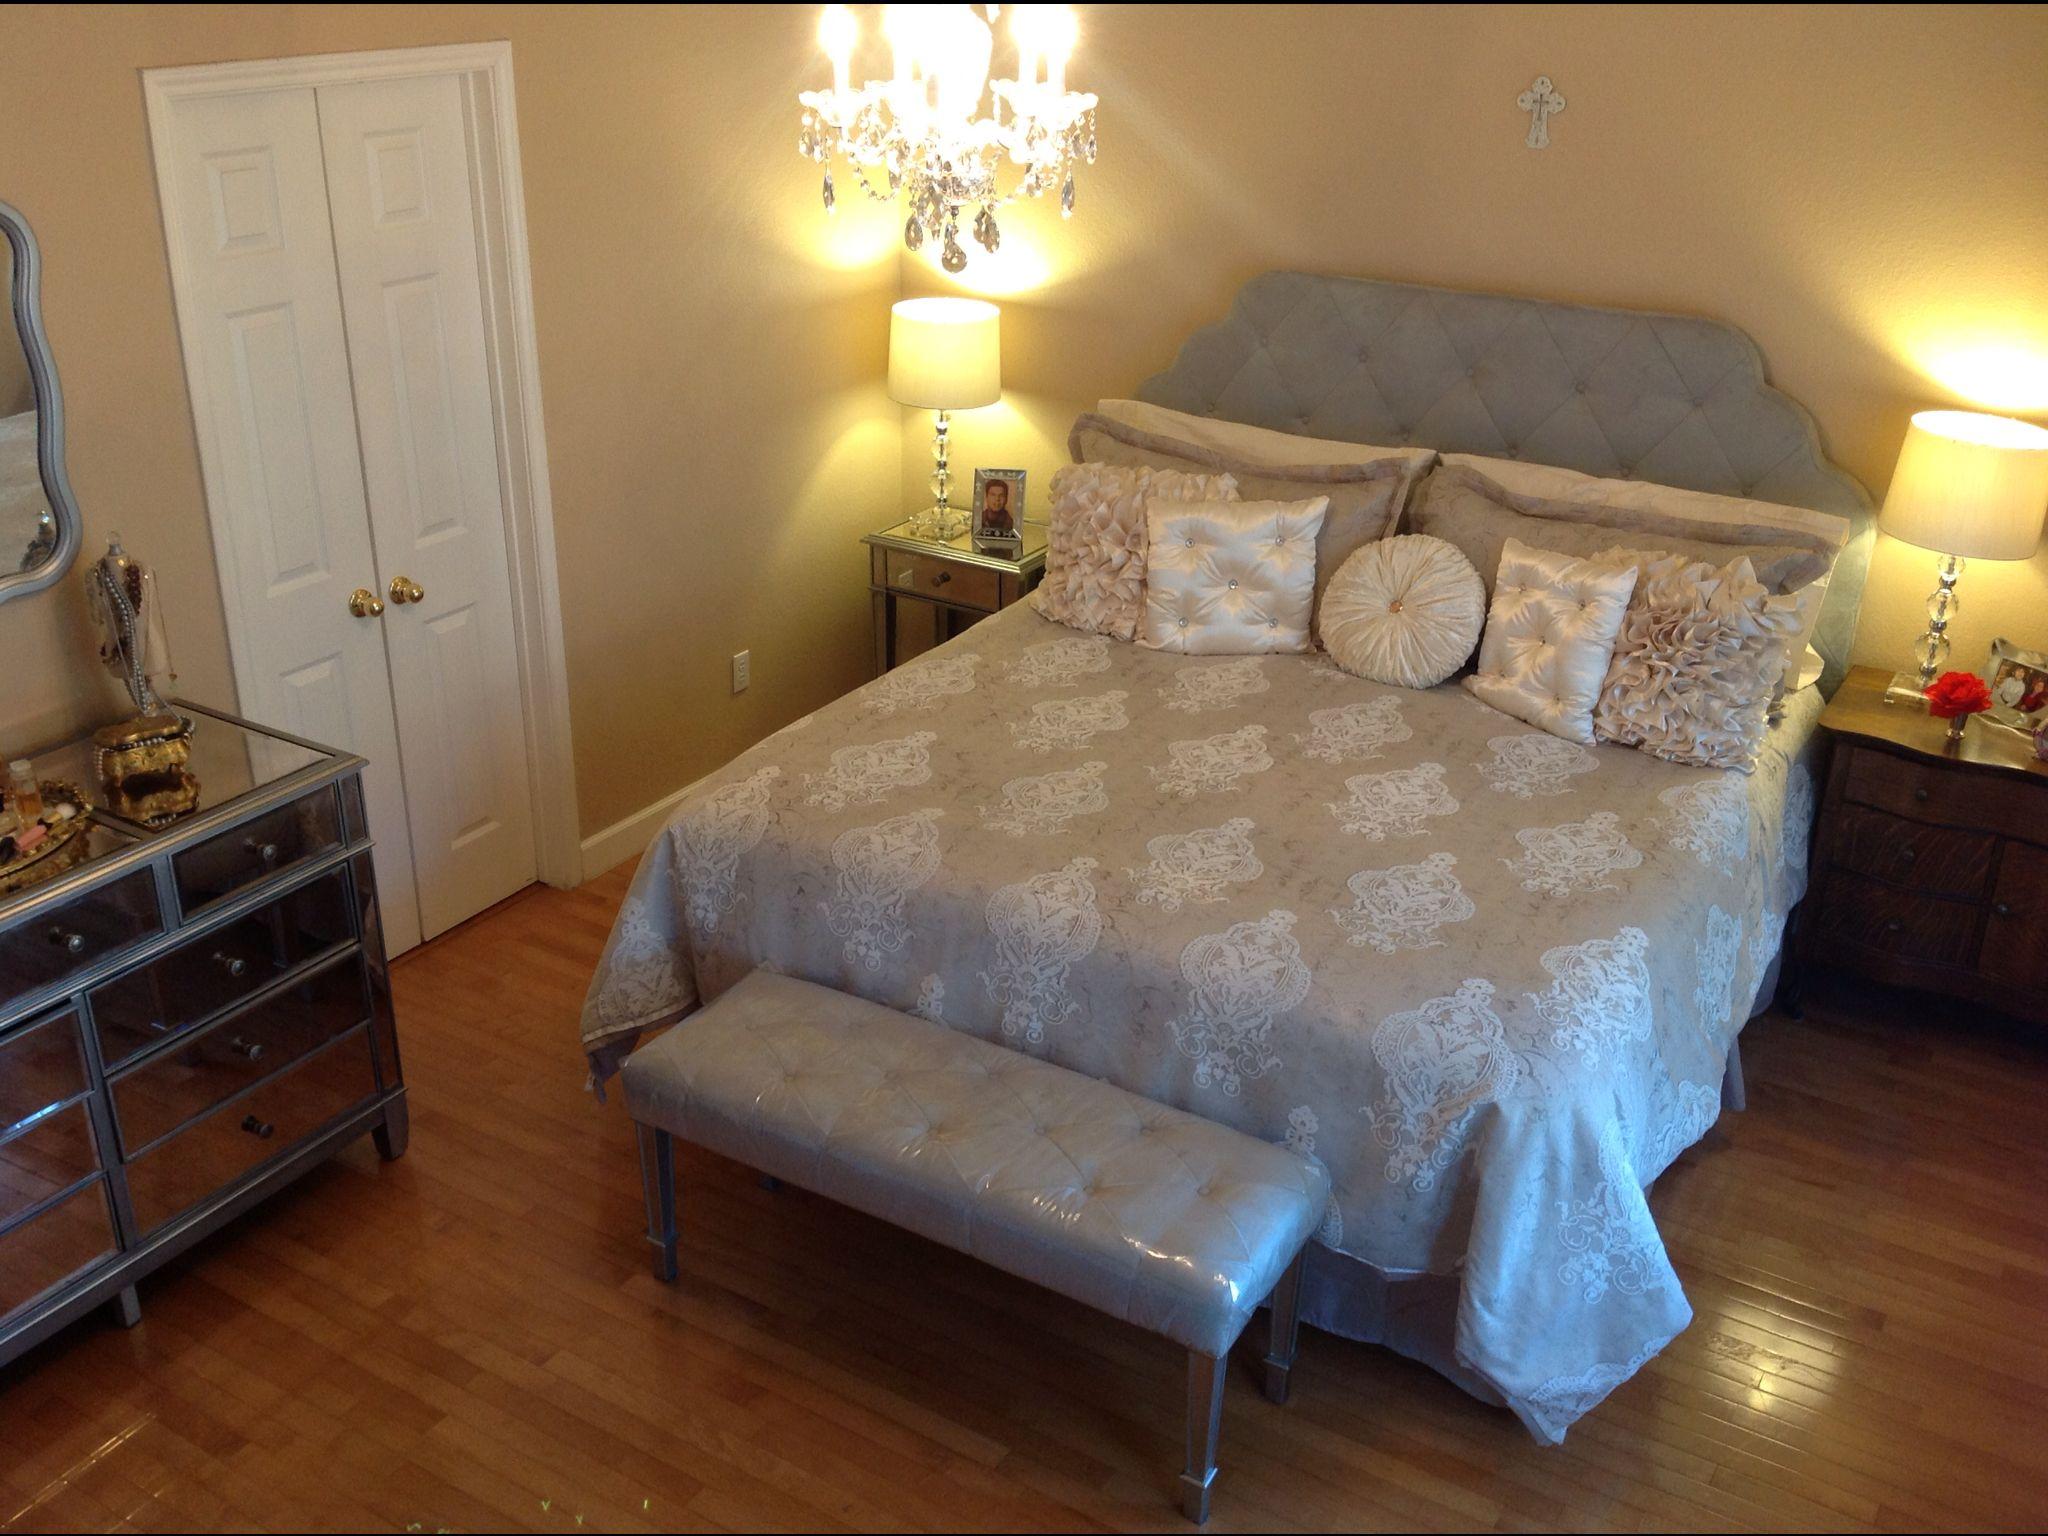 modern vintage home decor ideas pinterest. Black Bedroom Furniture Sets. Home Design Ideas